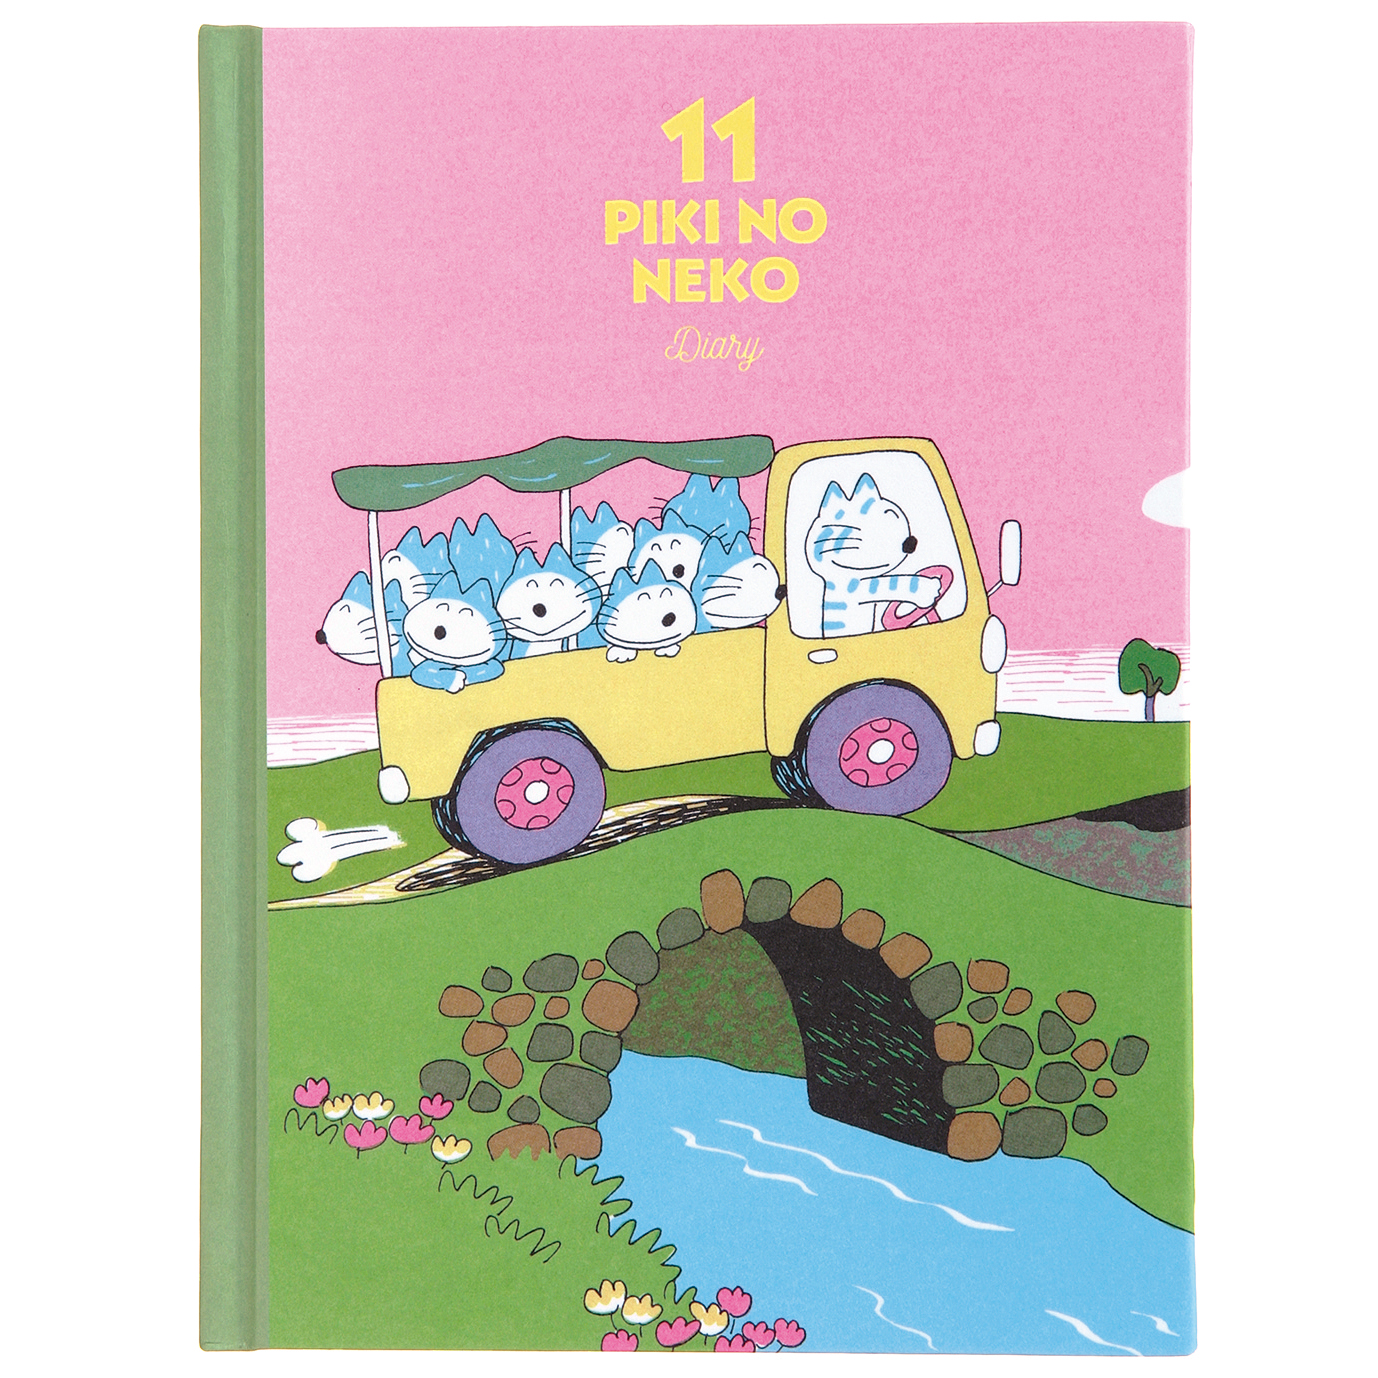 11ぴきのねこ 馬場のぼる<br> 日記(トラック)